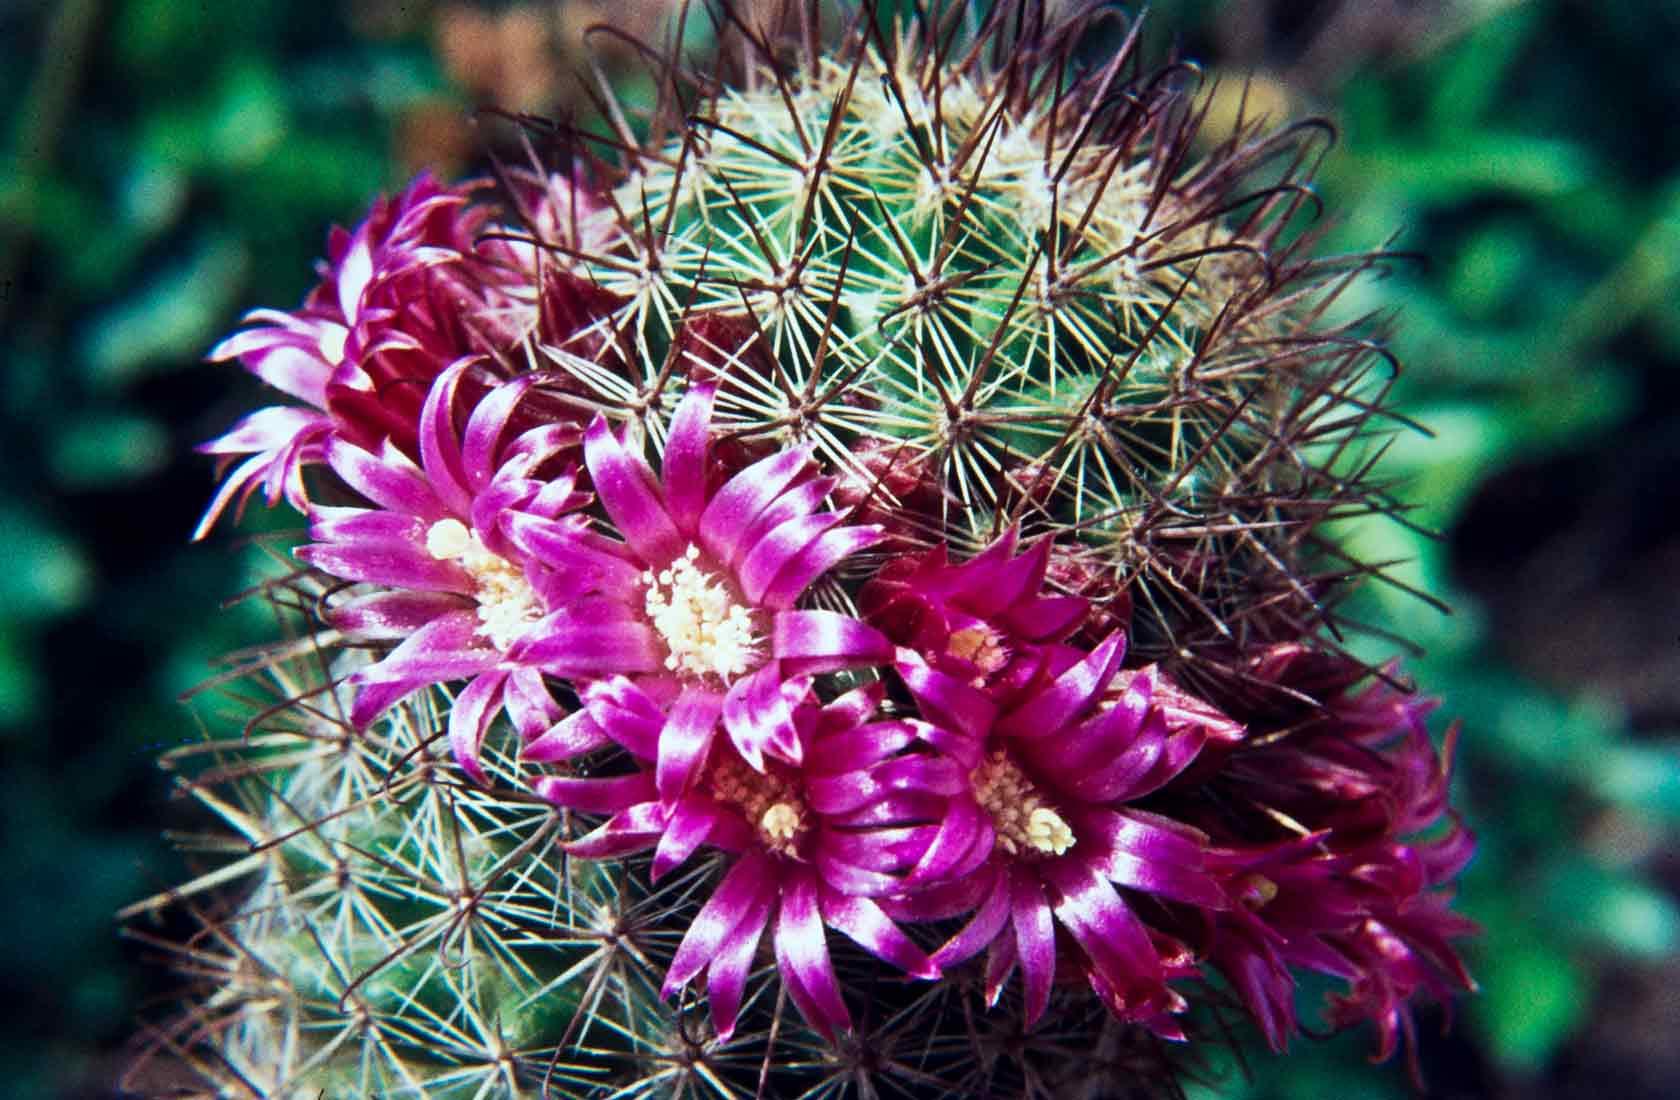 Mammillaria-sheldonii-1971